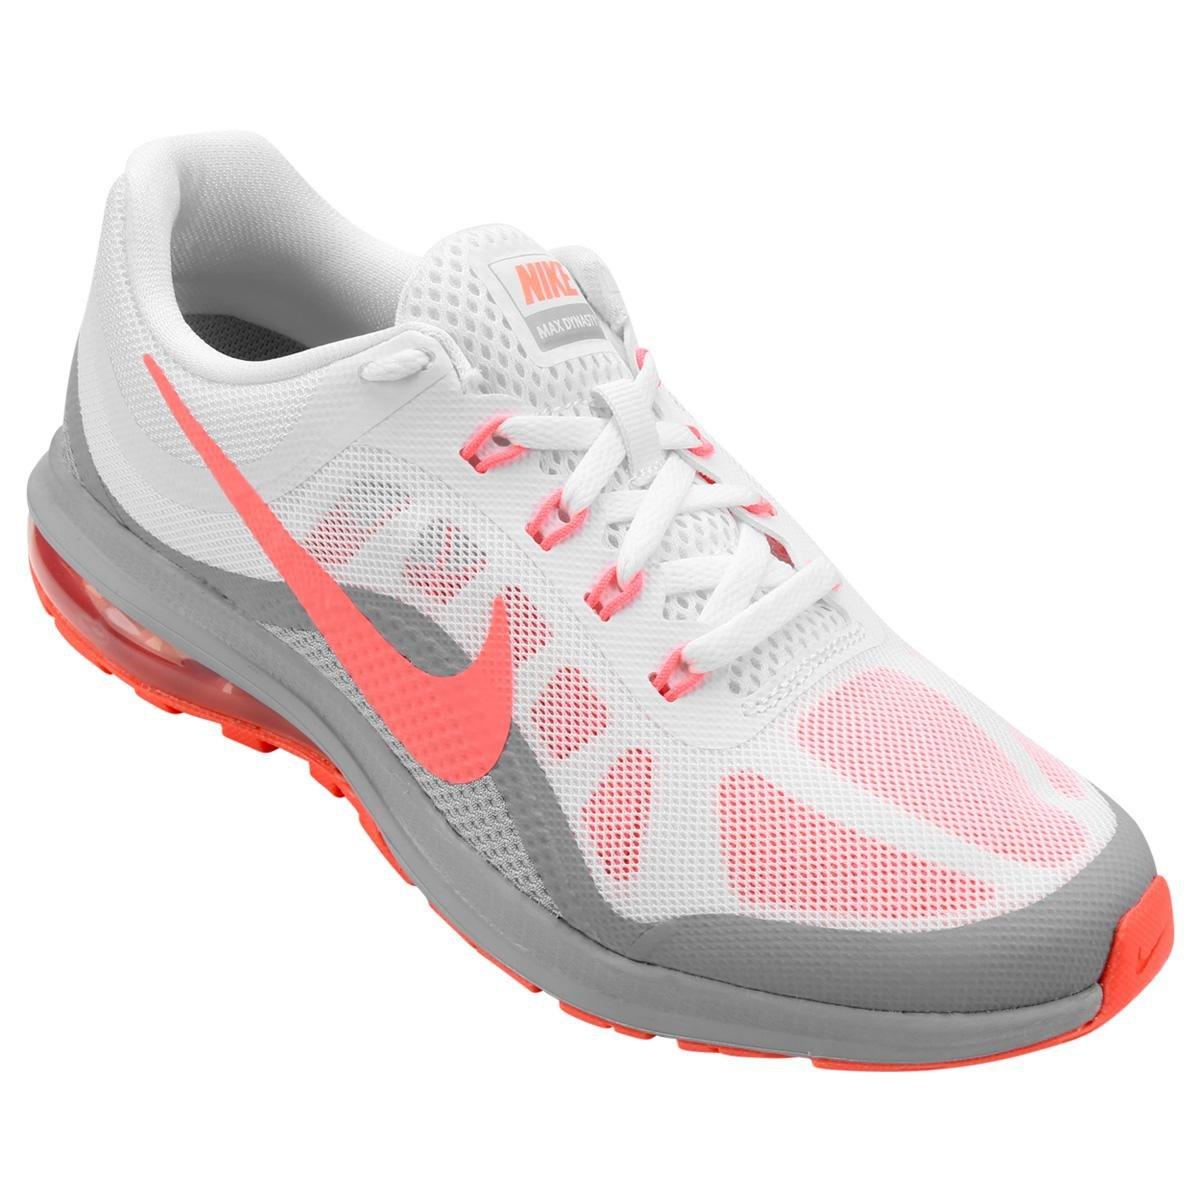 Tênis Nike Air Max Dynasty 2 Feminino - Branco e Salmão - Compre ... 40c09c94ea48e